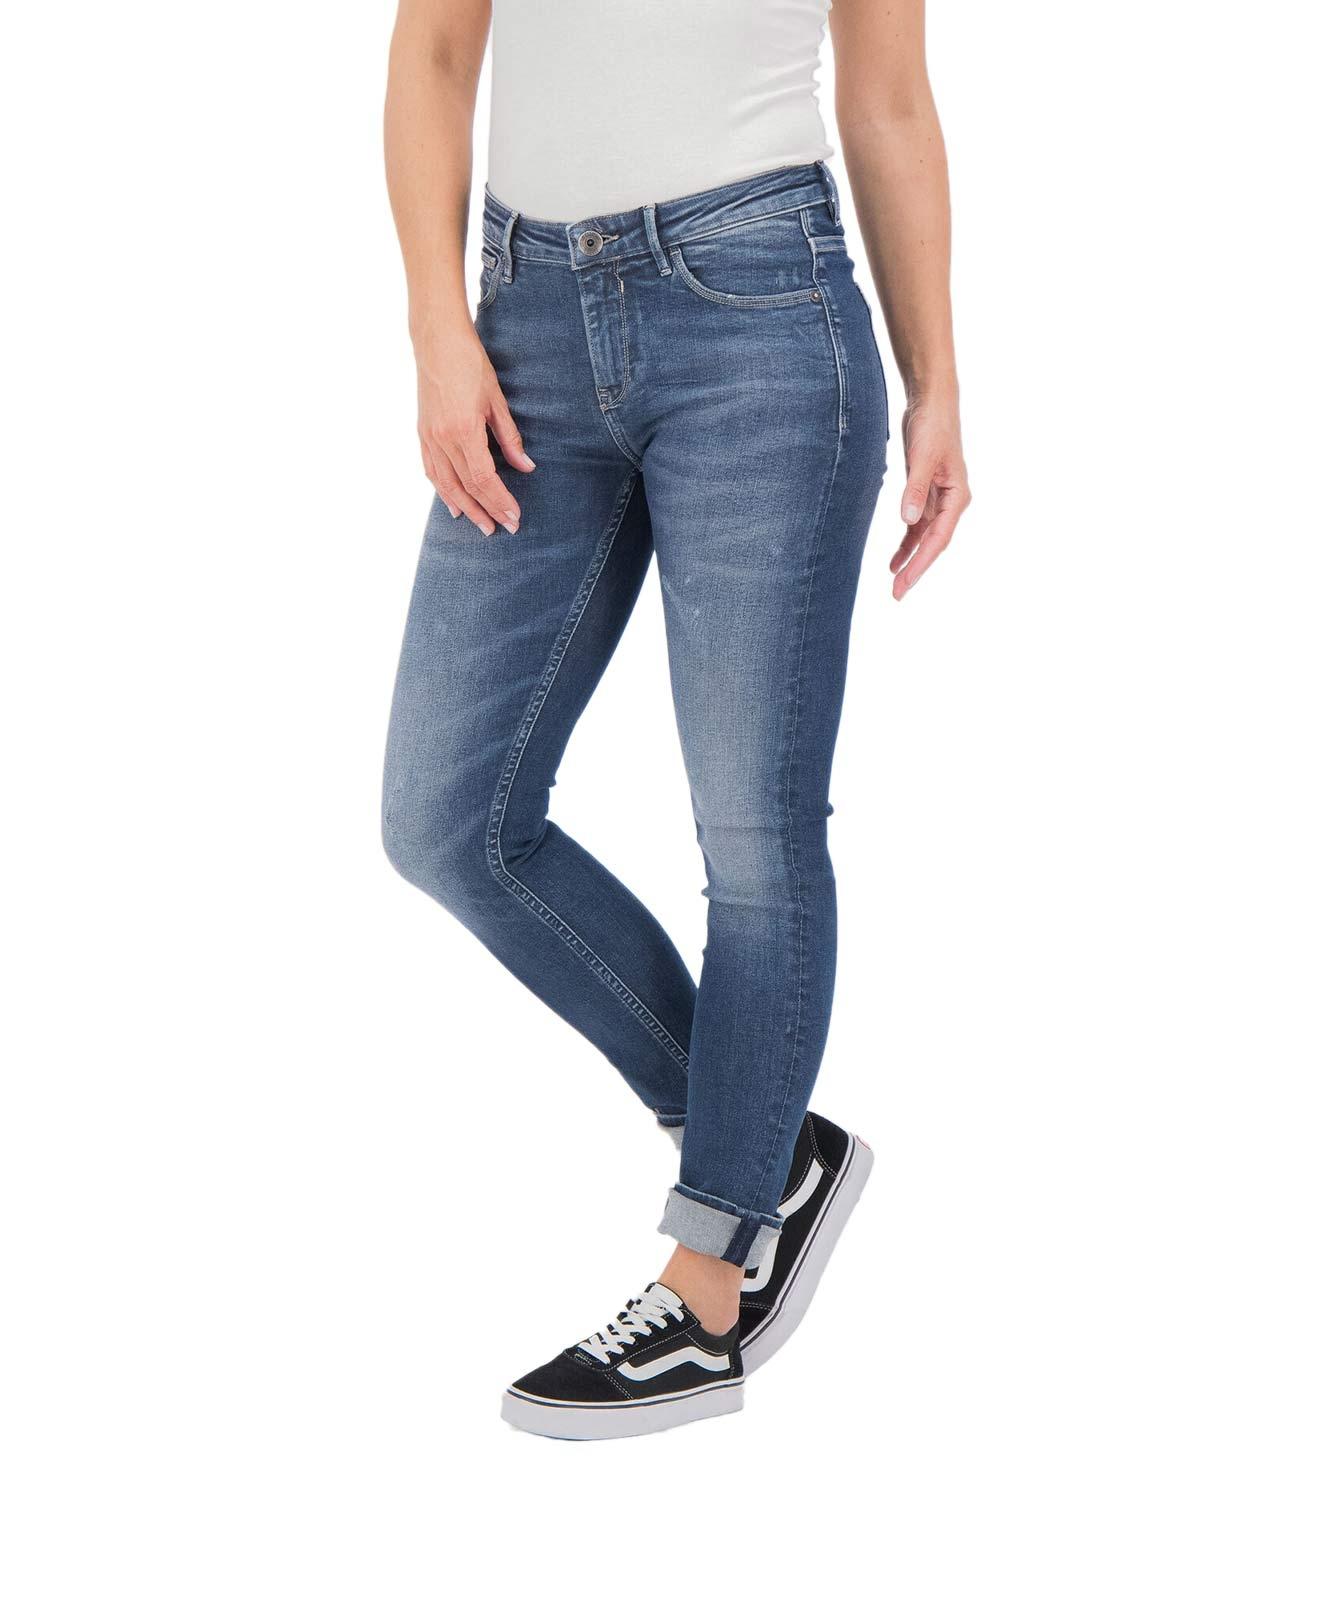 Hosen - Garcia Slim Fit Jeans Celia Superslim in Dark Used  - Onlineshop Jeans Meile